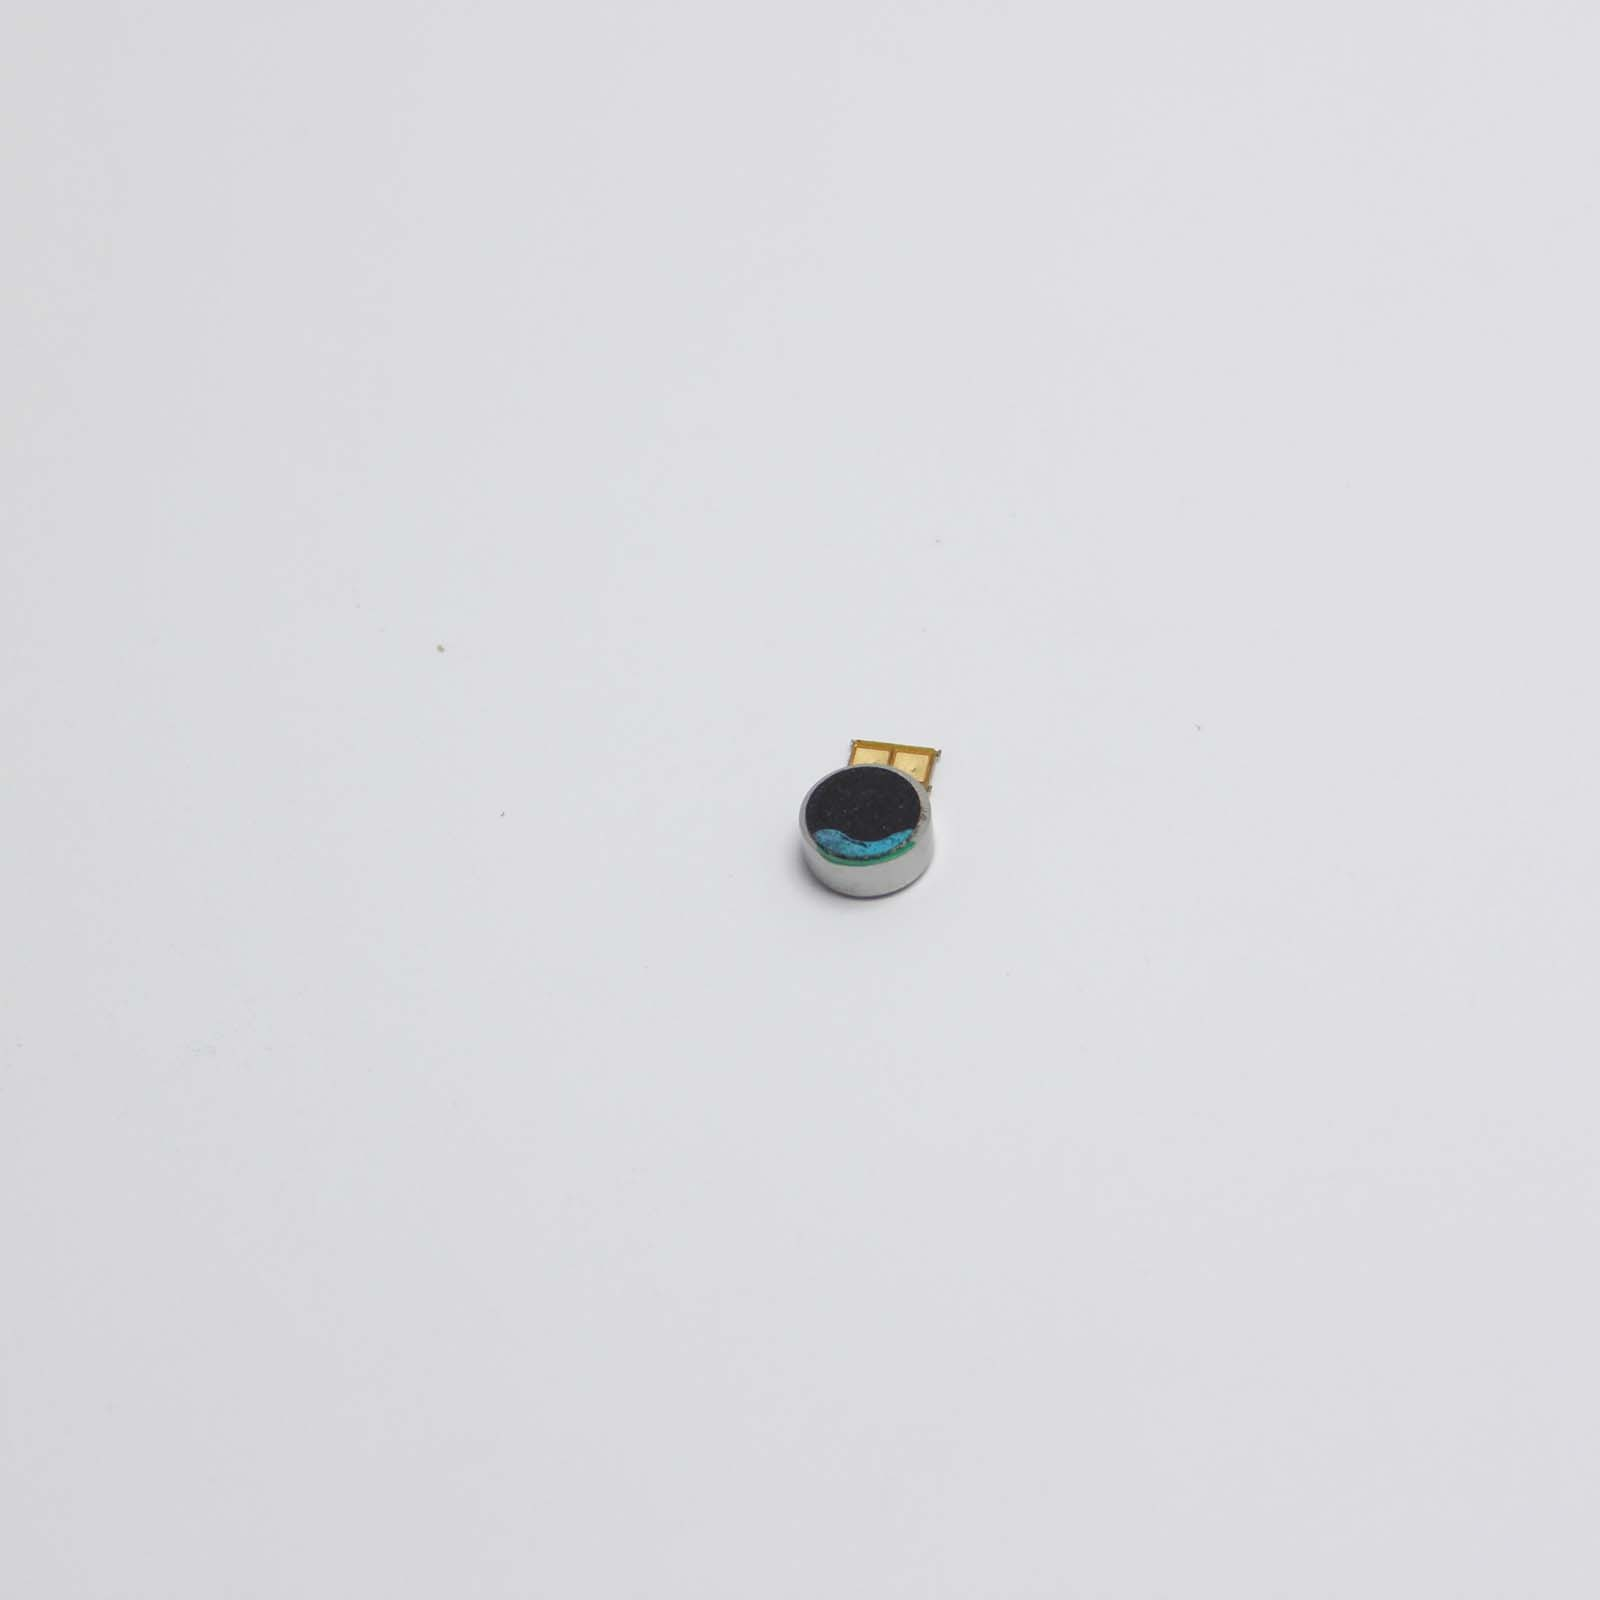 Vibrazione Samsung S6 Galaxy S6 SM-G920F G920F motorino Vibracall